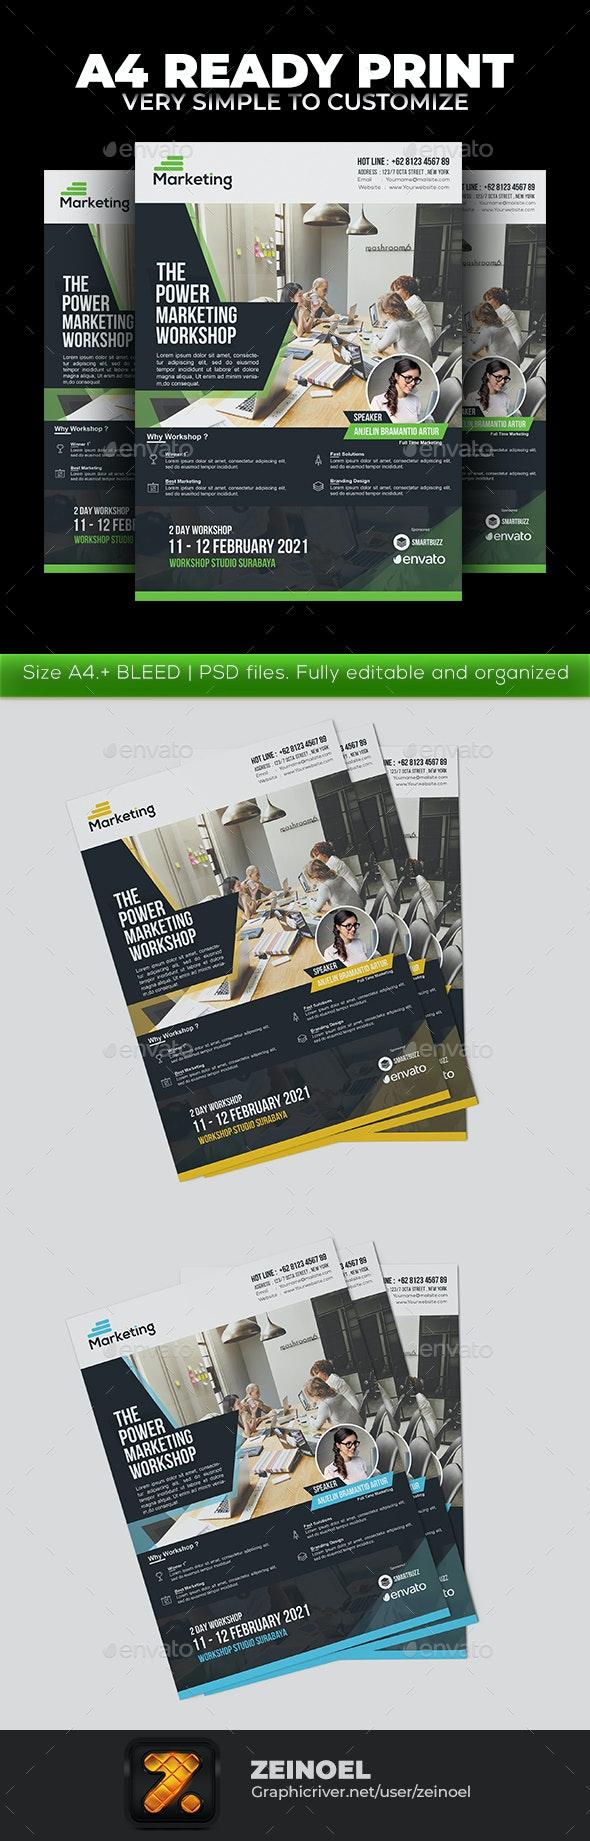 Marketing Workshop Flyer v2 - Corporate Flyers